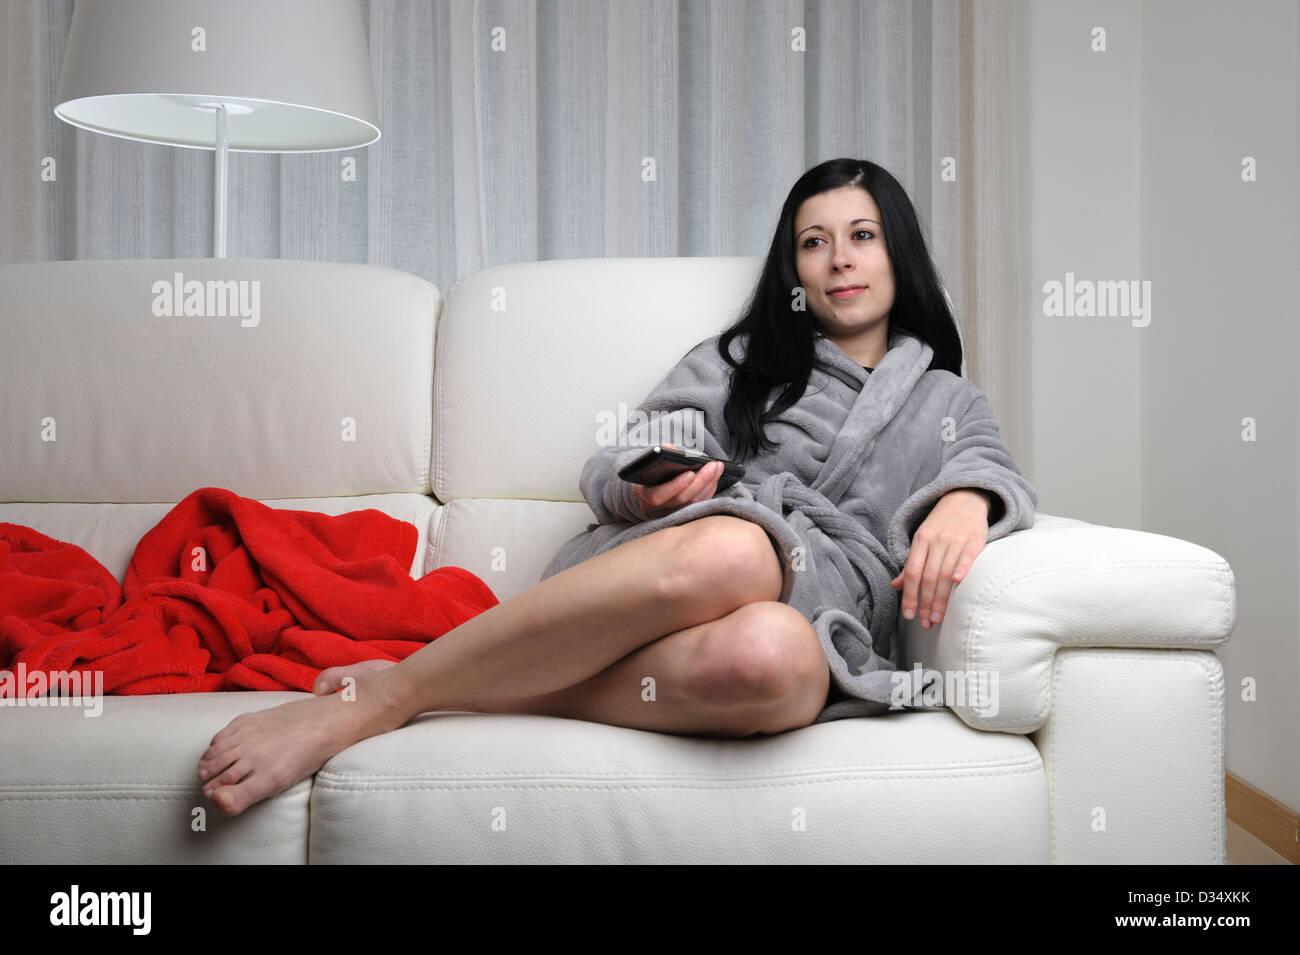 junge frau die zu hause vor dem fernseher sitzt auf einem. Black Bedroom Furniture Sets. Home Design Ideas